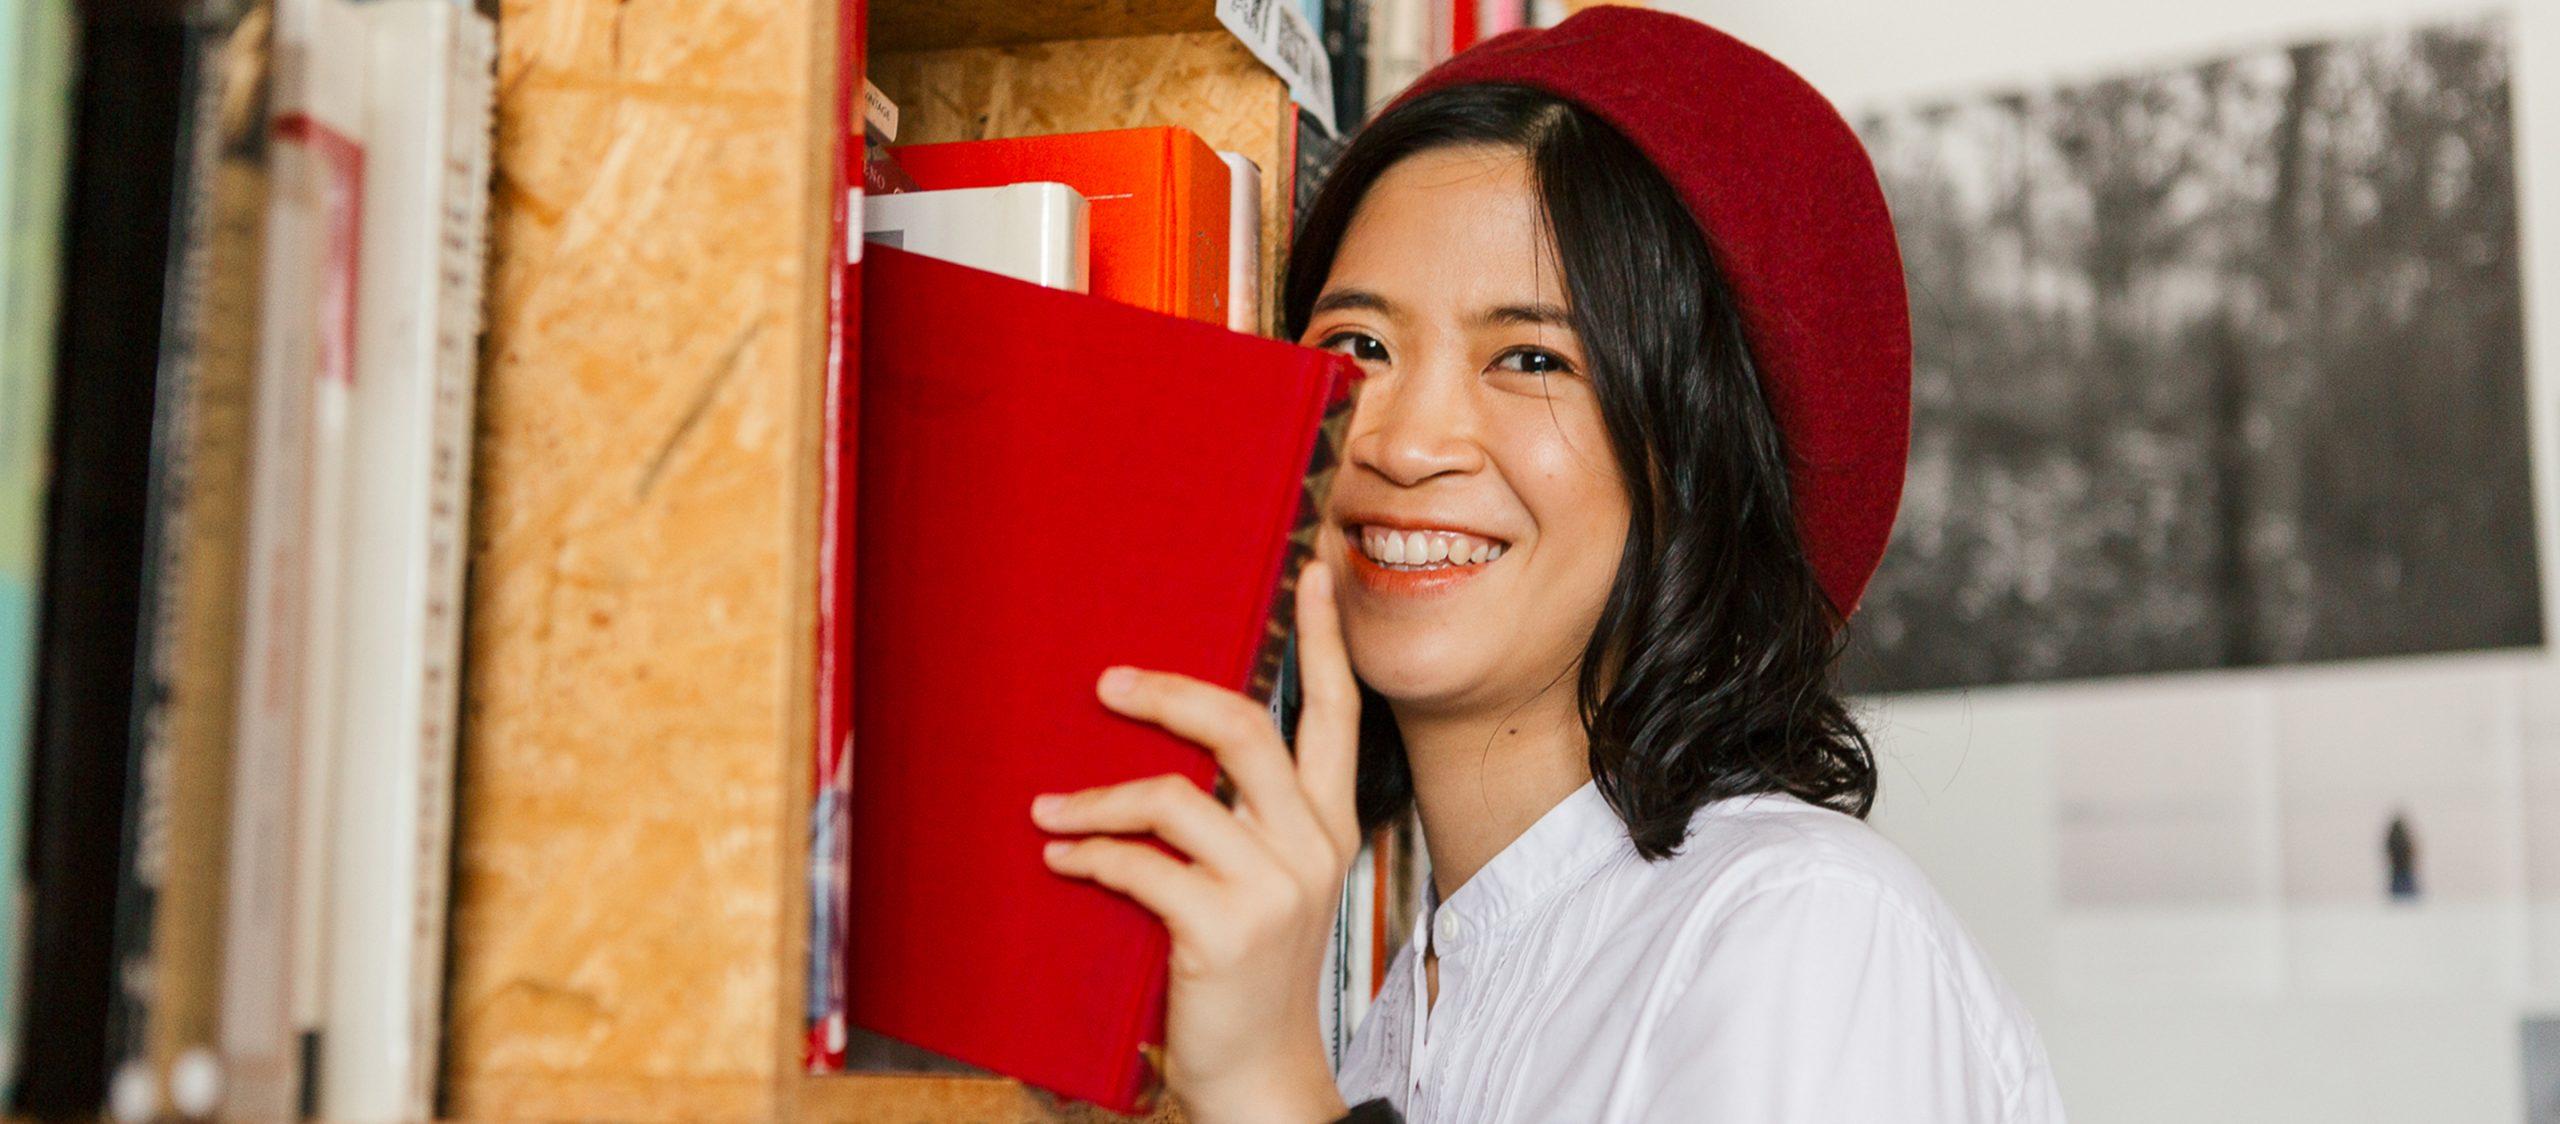 ฟาน.ปีติ : หญิงสาวผู้โลดแล่นผ่านร้านหนังสือในลอนดอนจนเจออลิซ แม่มด และยาวิเศษ